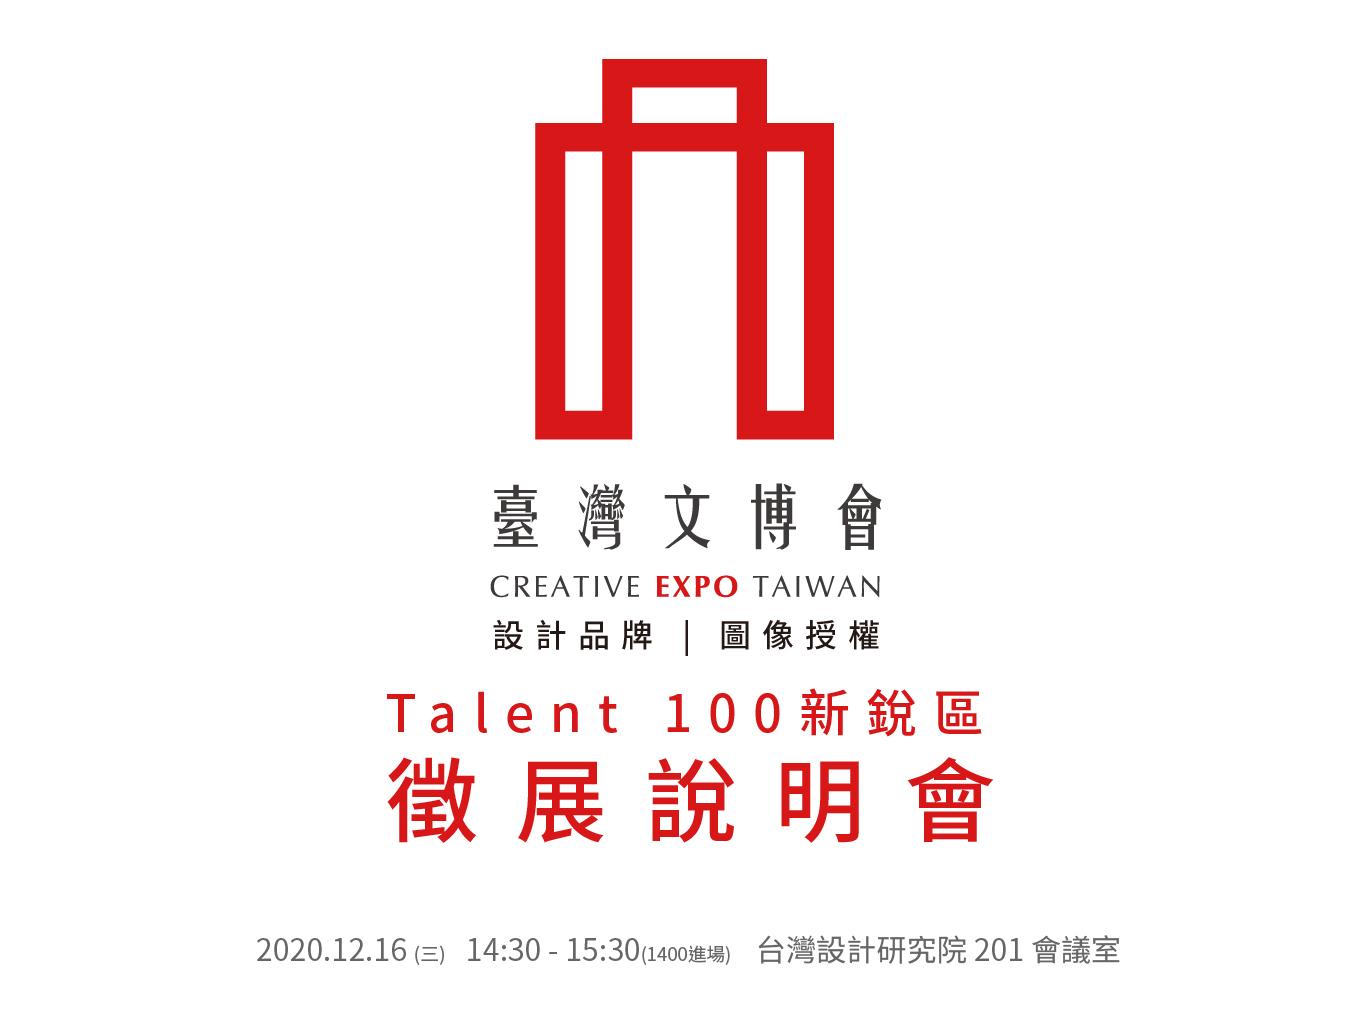 2021臺灣文博會「Talent 100」開始徵展 歡迎新銳創作者踴躍報名